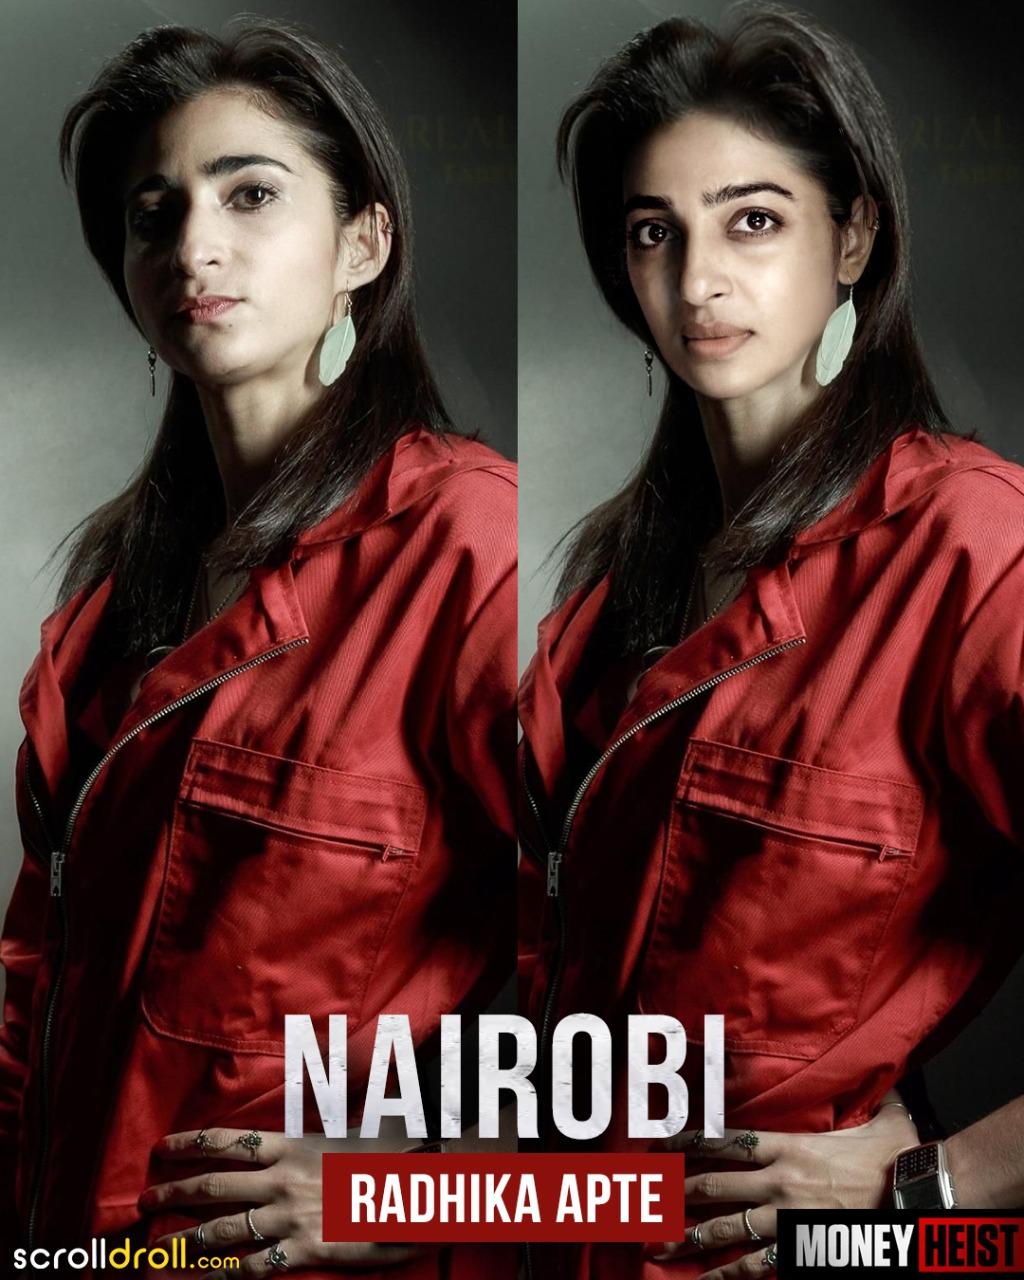 Money-Heist-With-A-Bollywood-Cast-Nairobi